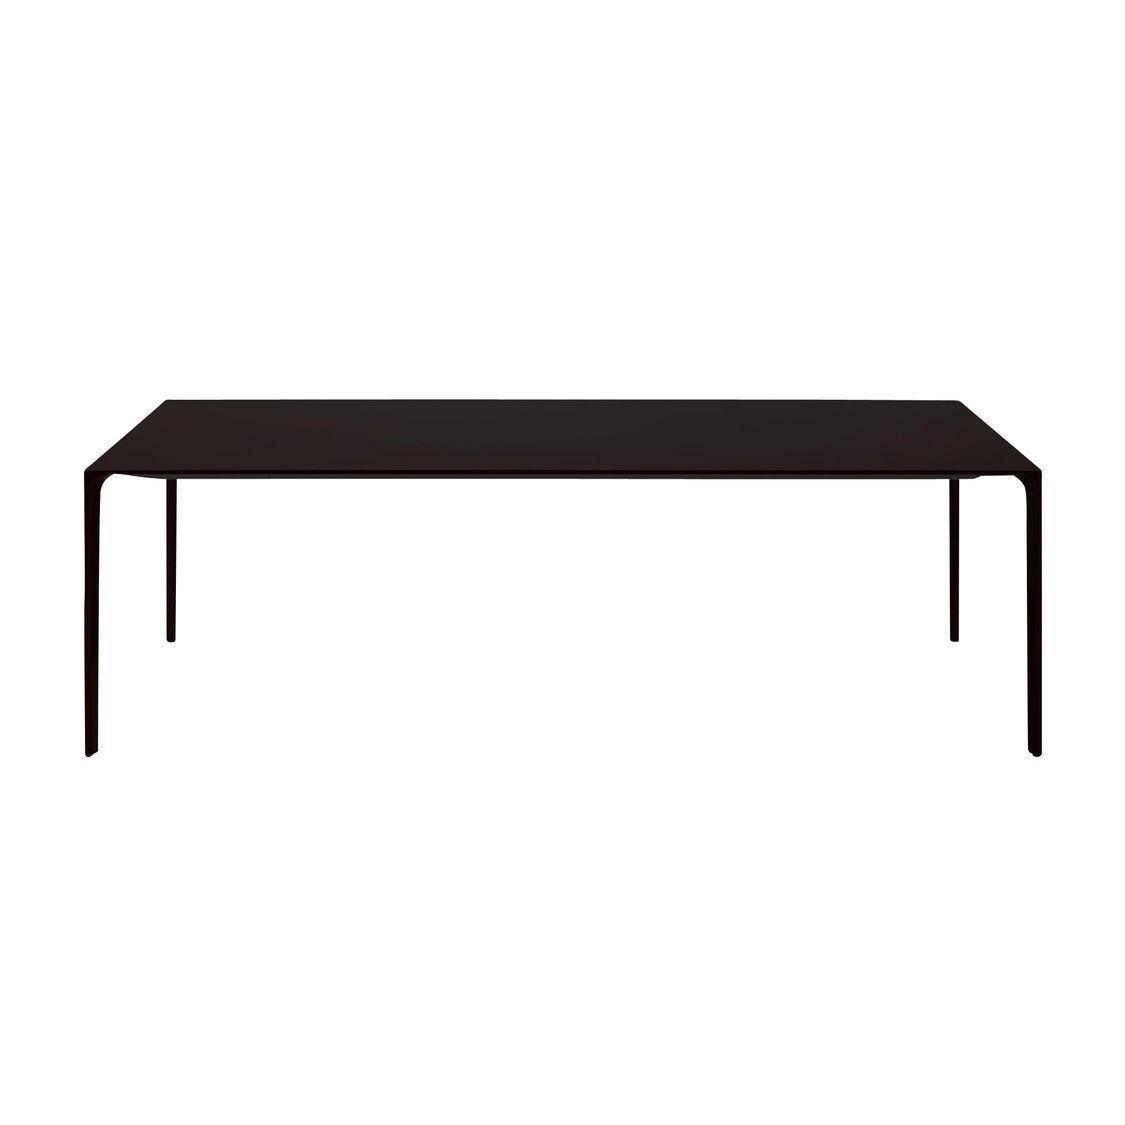 Nuur Dining Table 200x100cm Arper